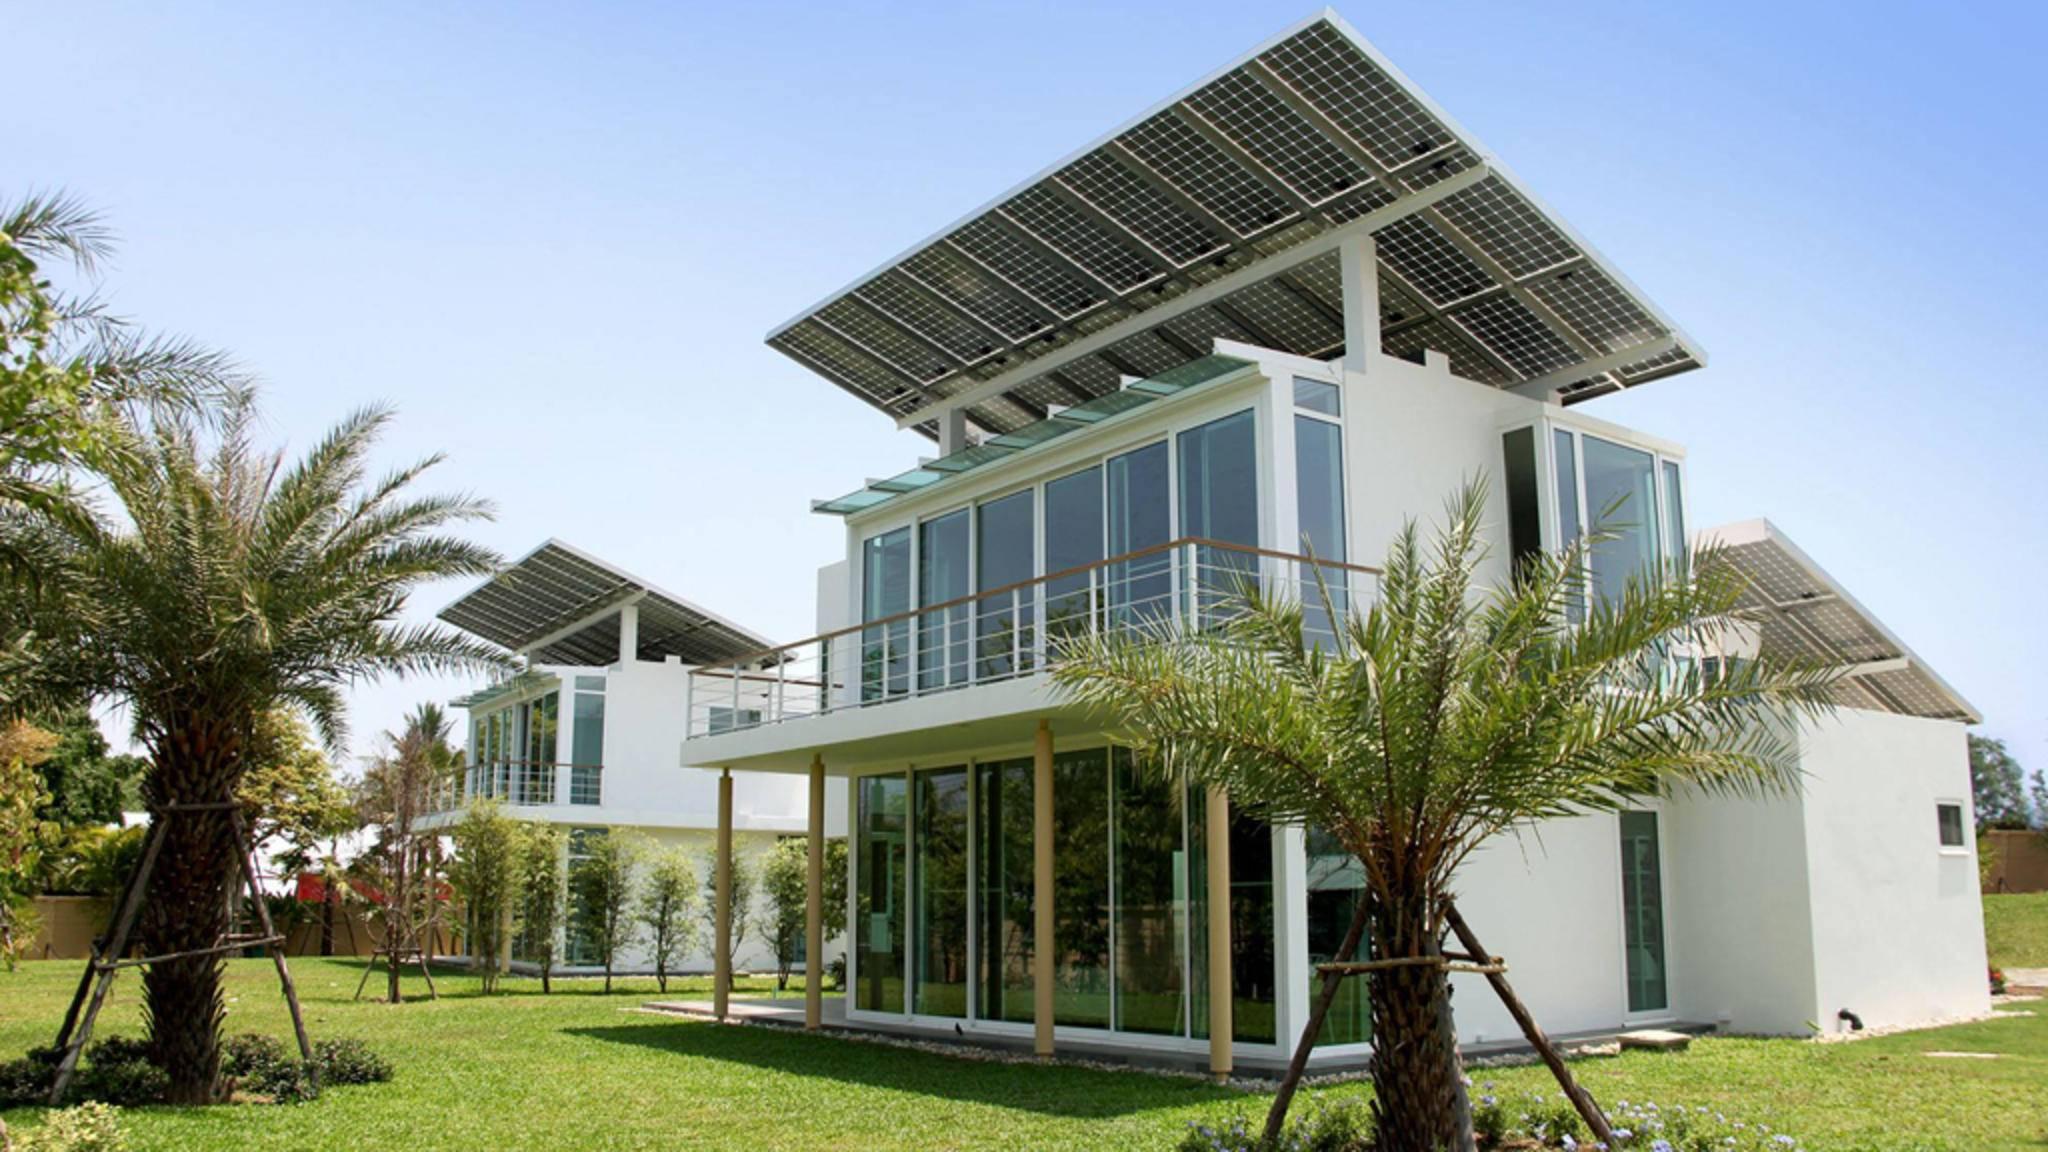 Jedes der Gebäude auf dem Gelände des Phi Suea House ist mit Solarzellen ausgestattet.